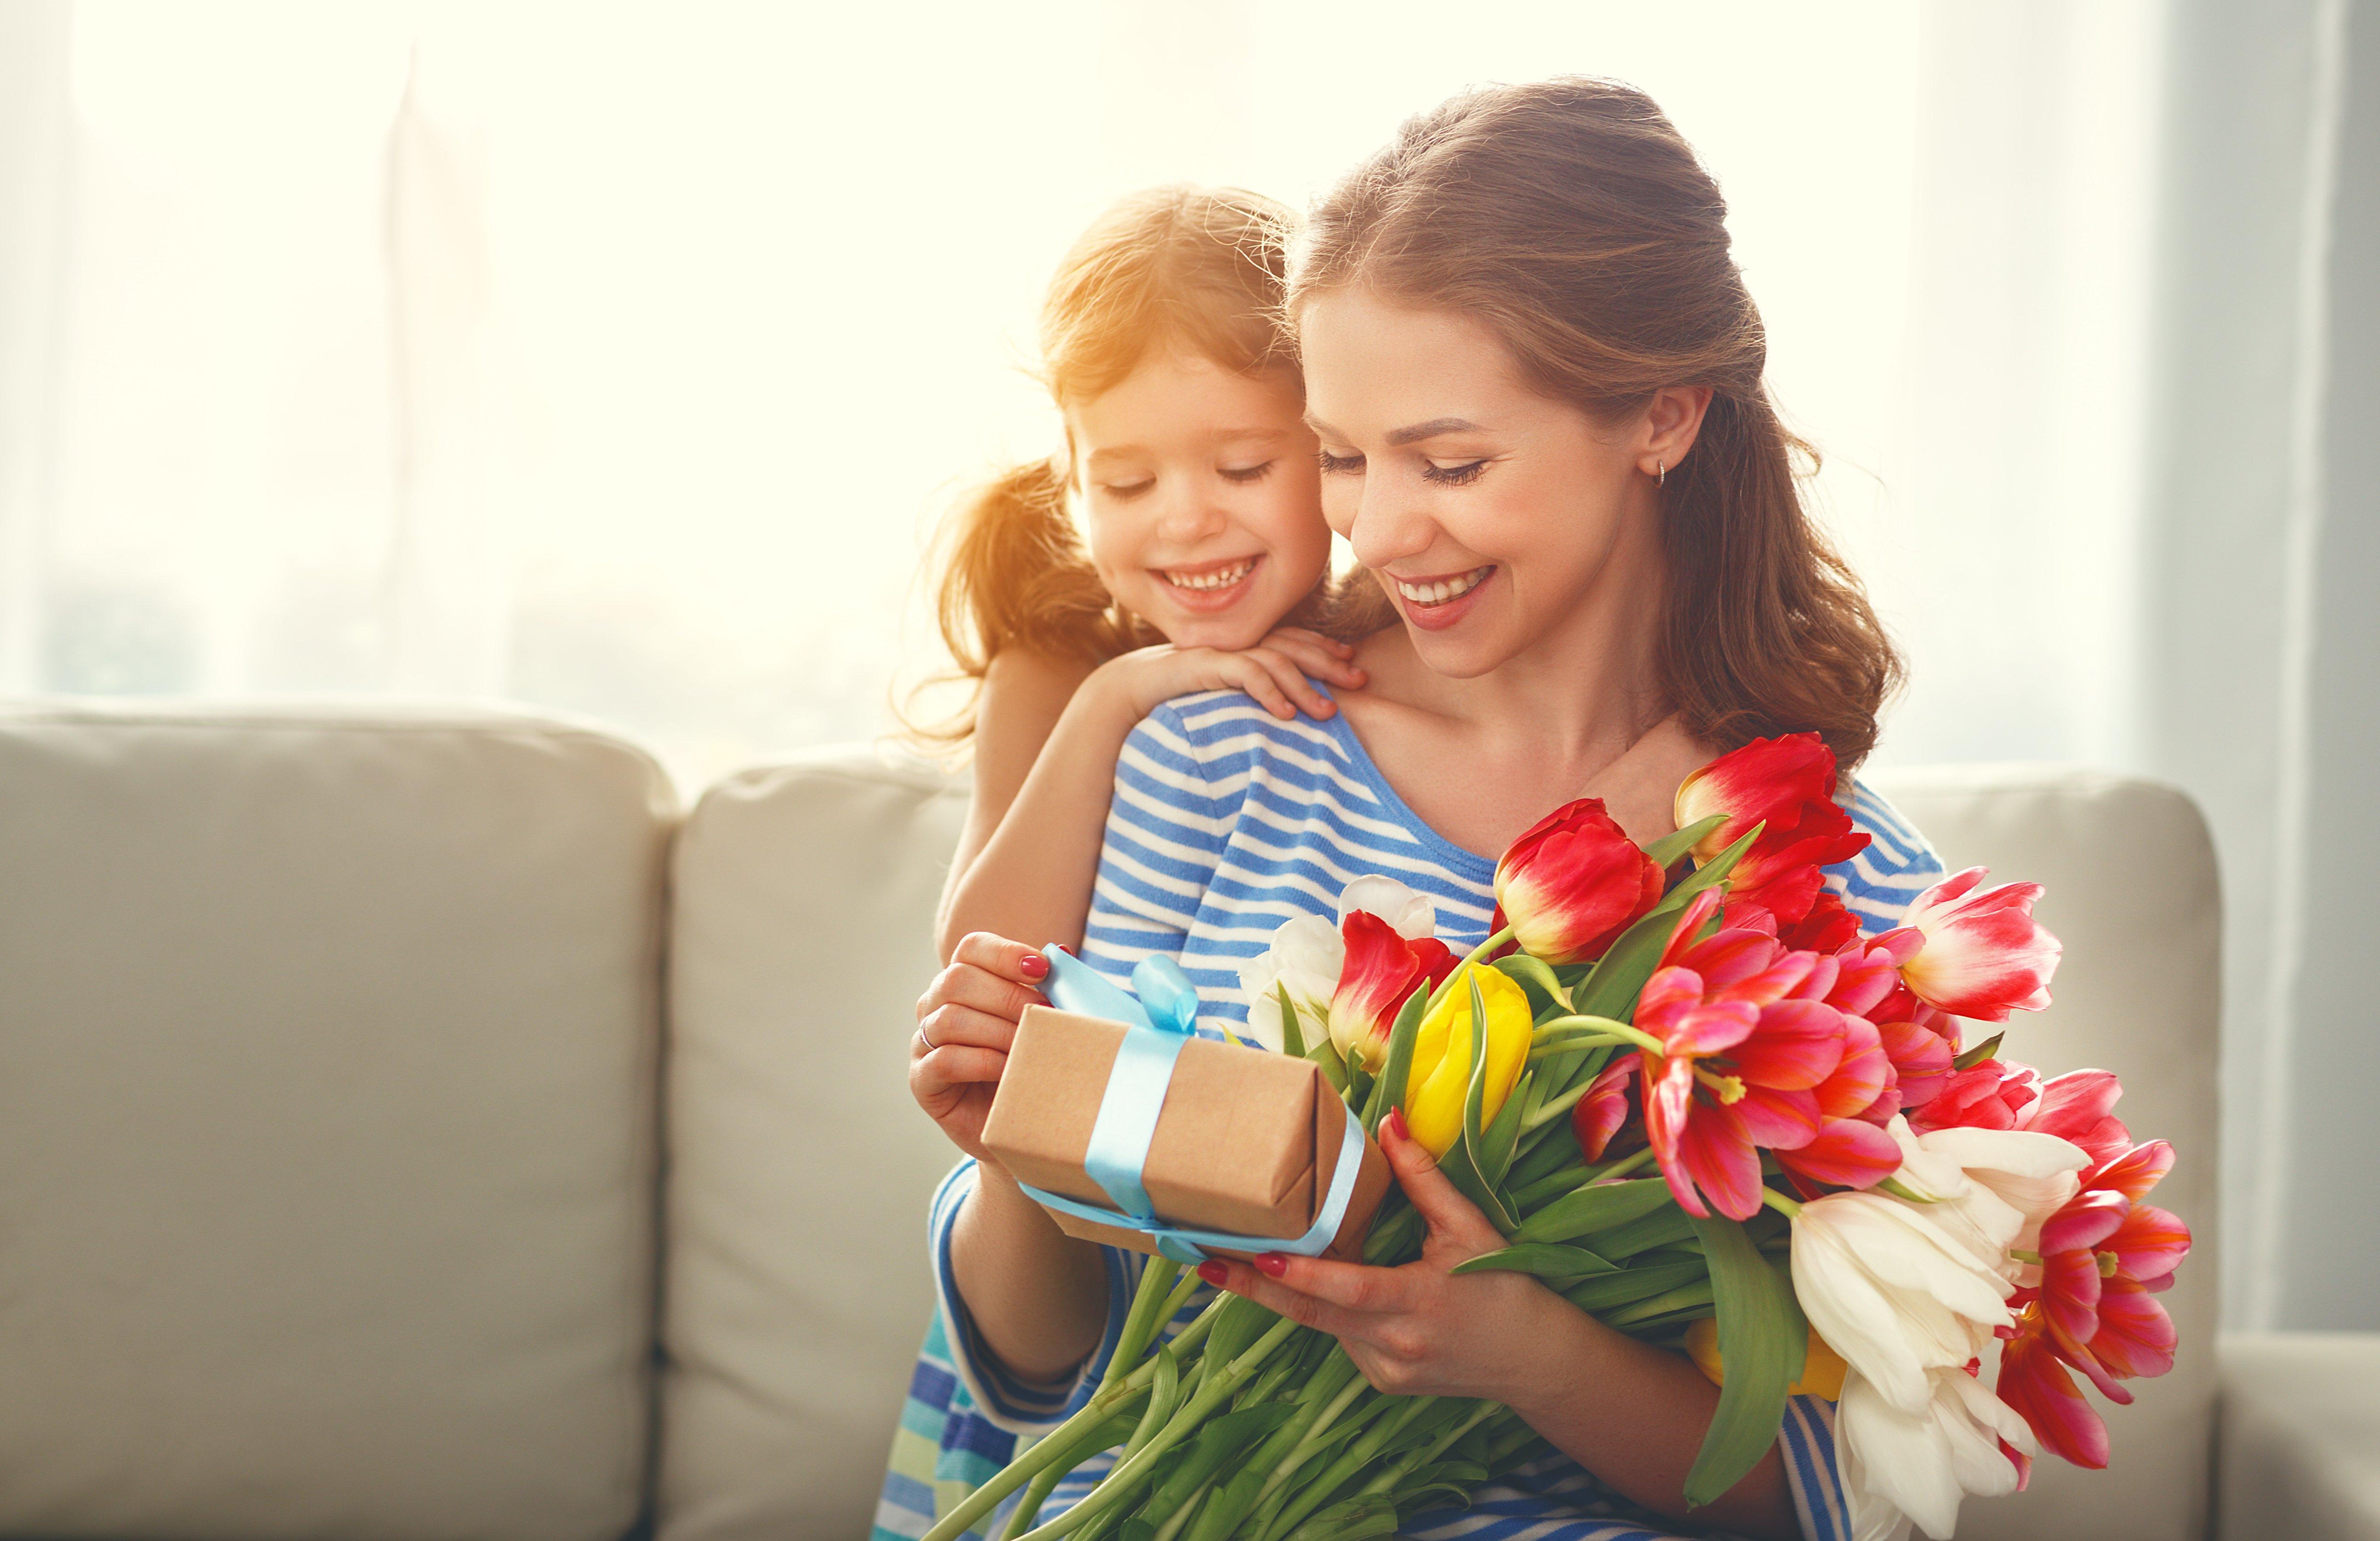 Jaki prezent na Dzień Matki? Oto kilka naszych pomysłów